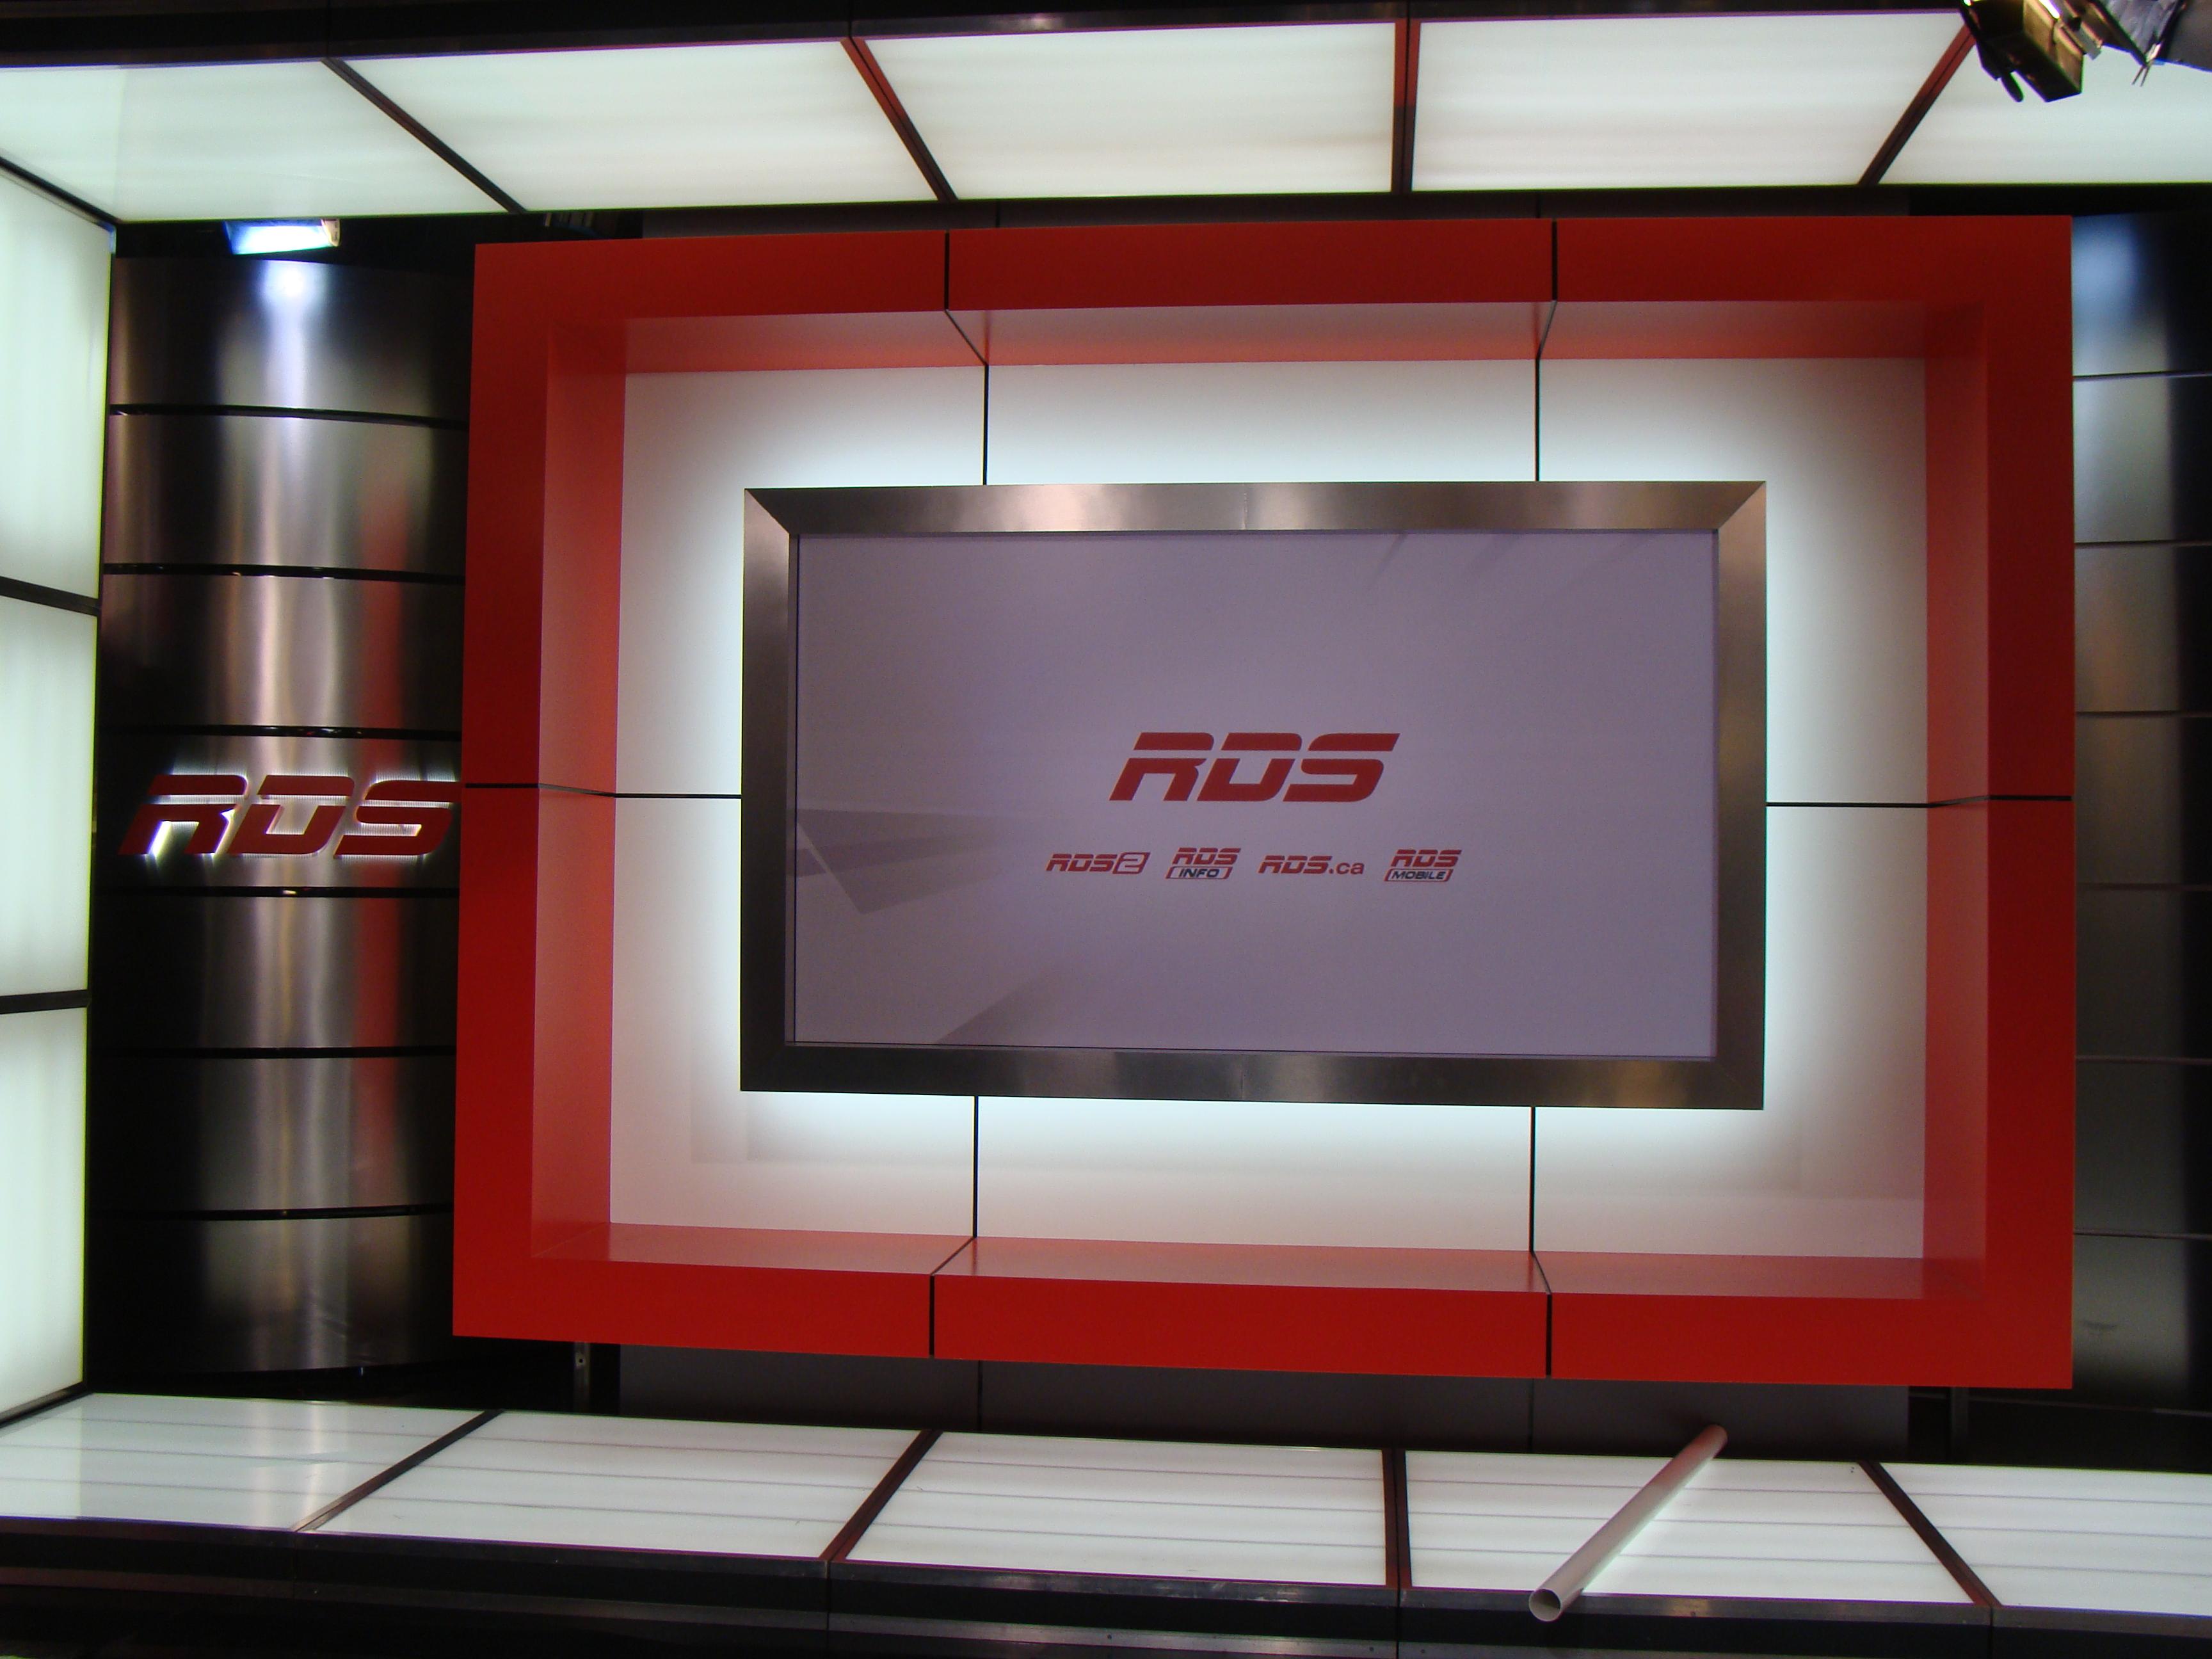 RDS Studio